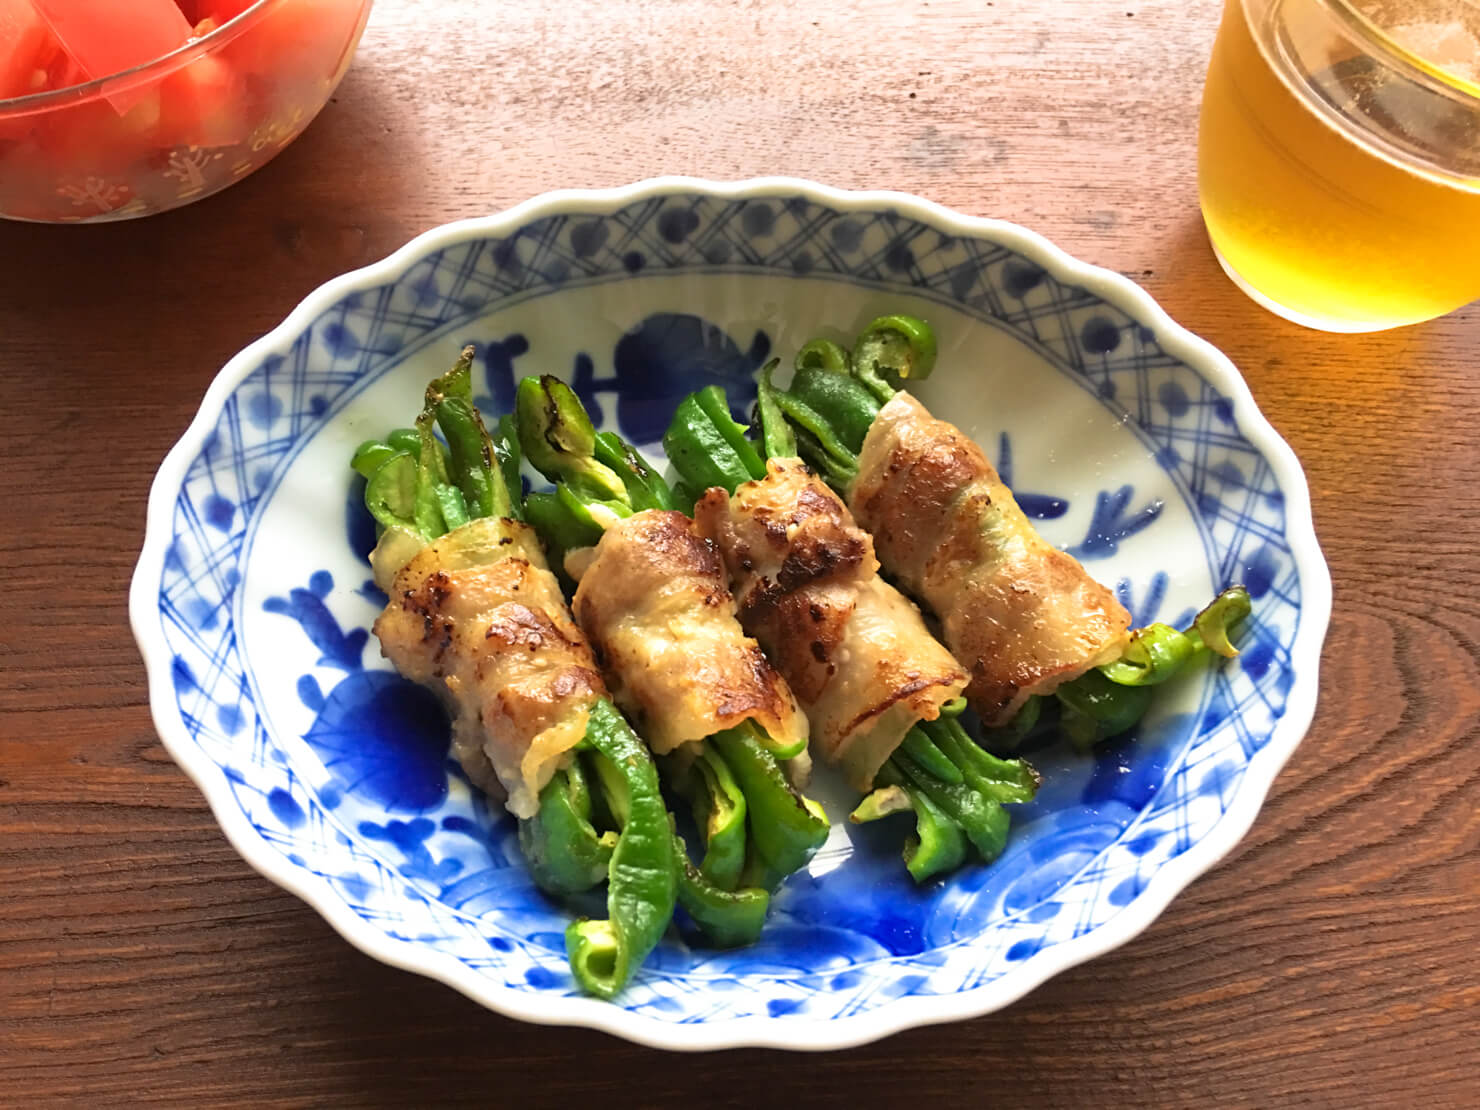 生ピーマンの豚肉塩麹漬け巻き焼きの写真